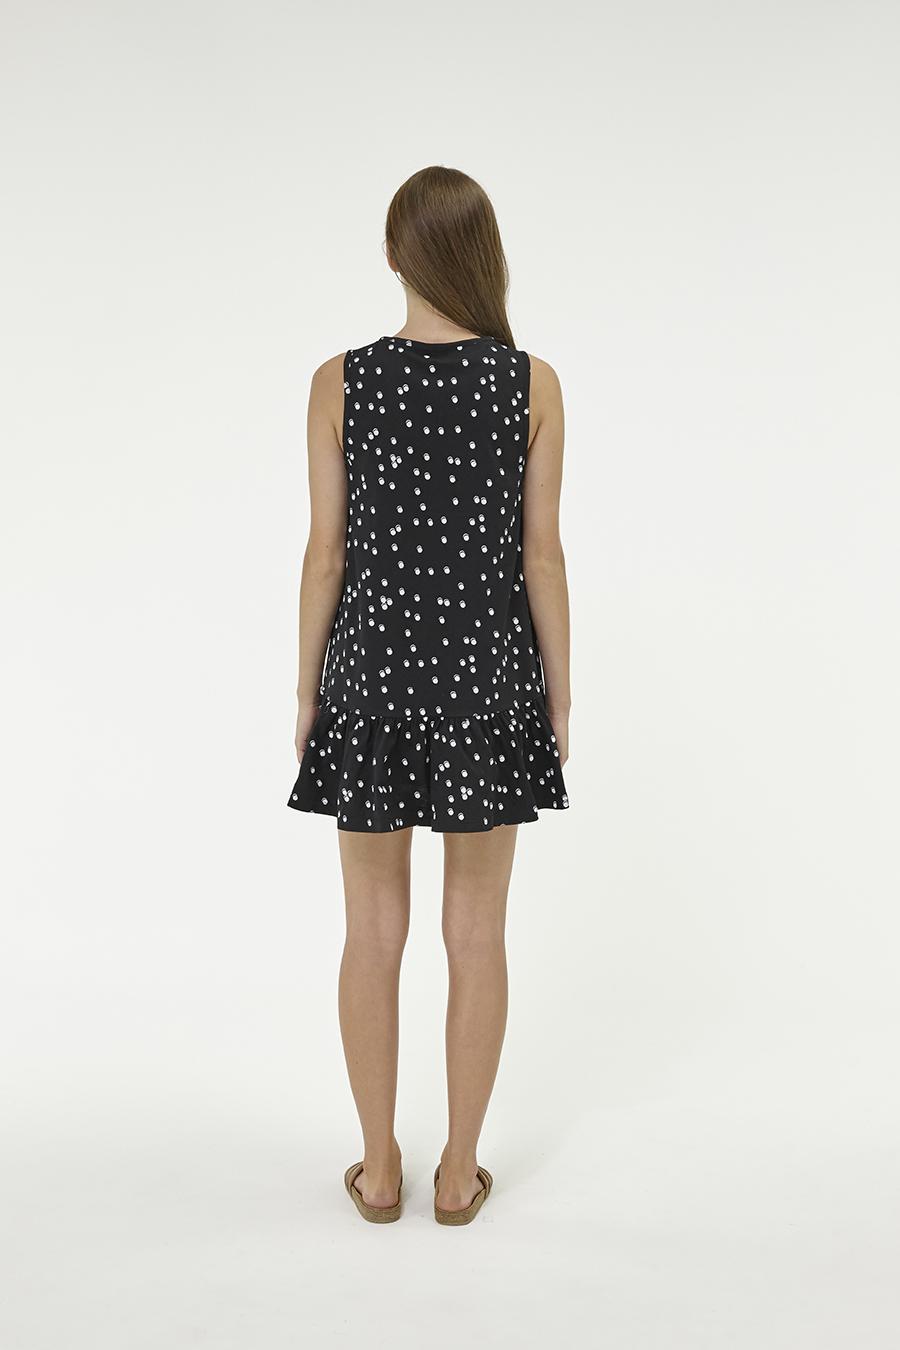 Huffer_Q3-16_W-Port-Volley-Dress_Black-03